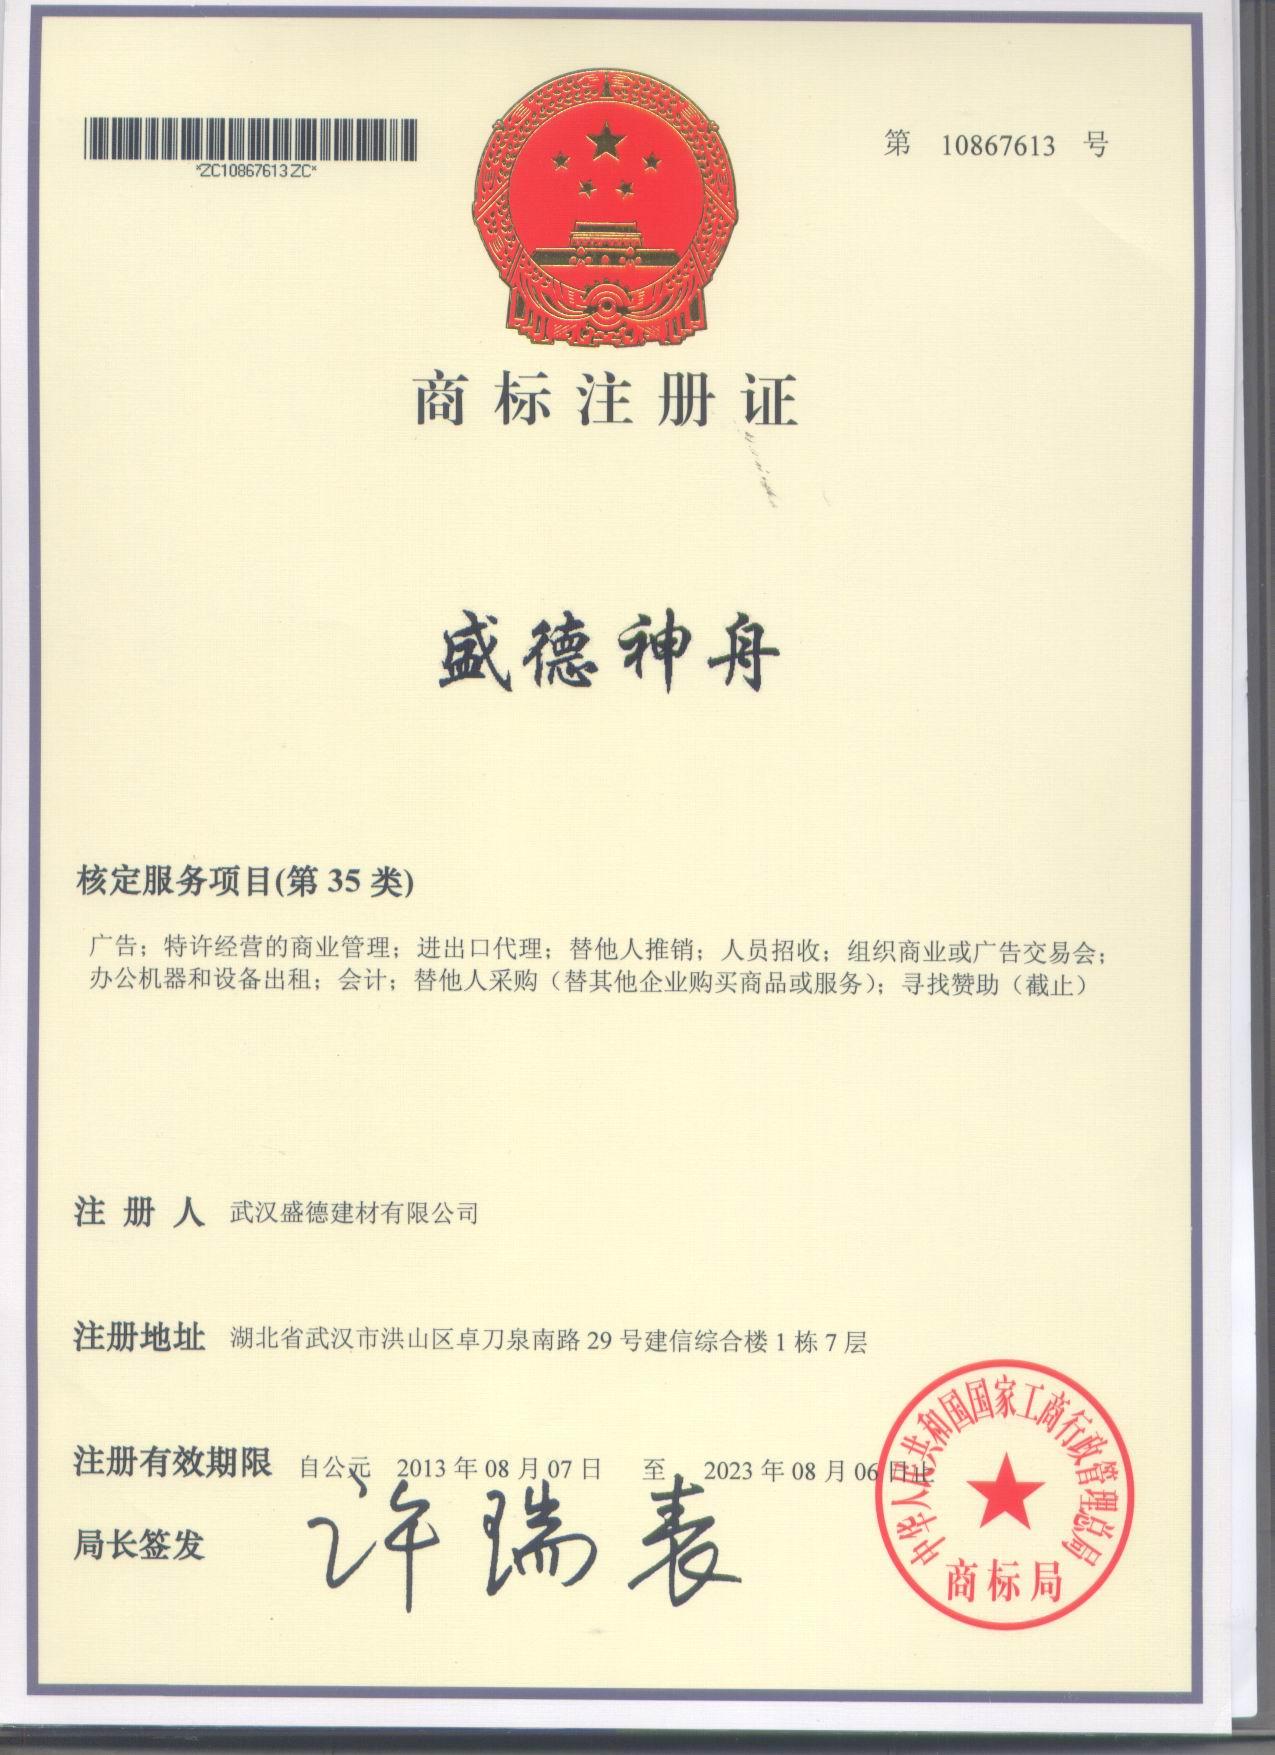 商标注册证-盛德神舟